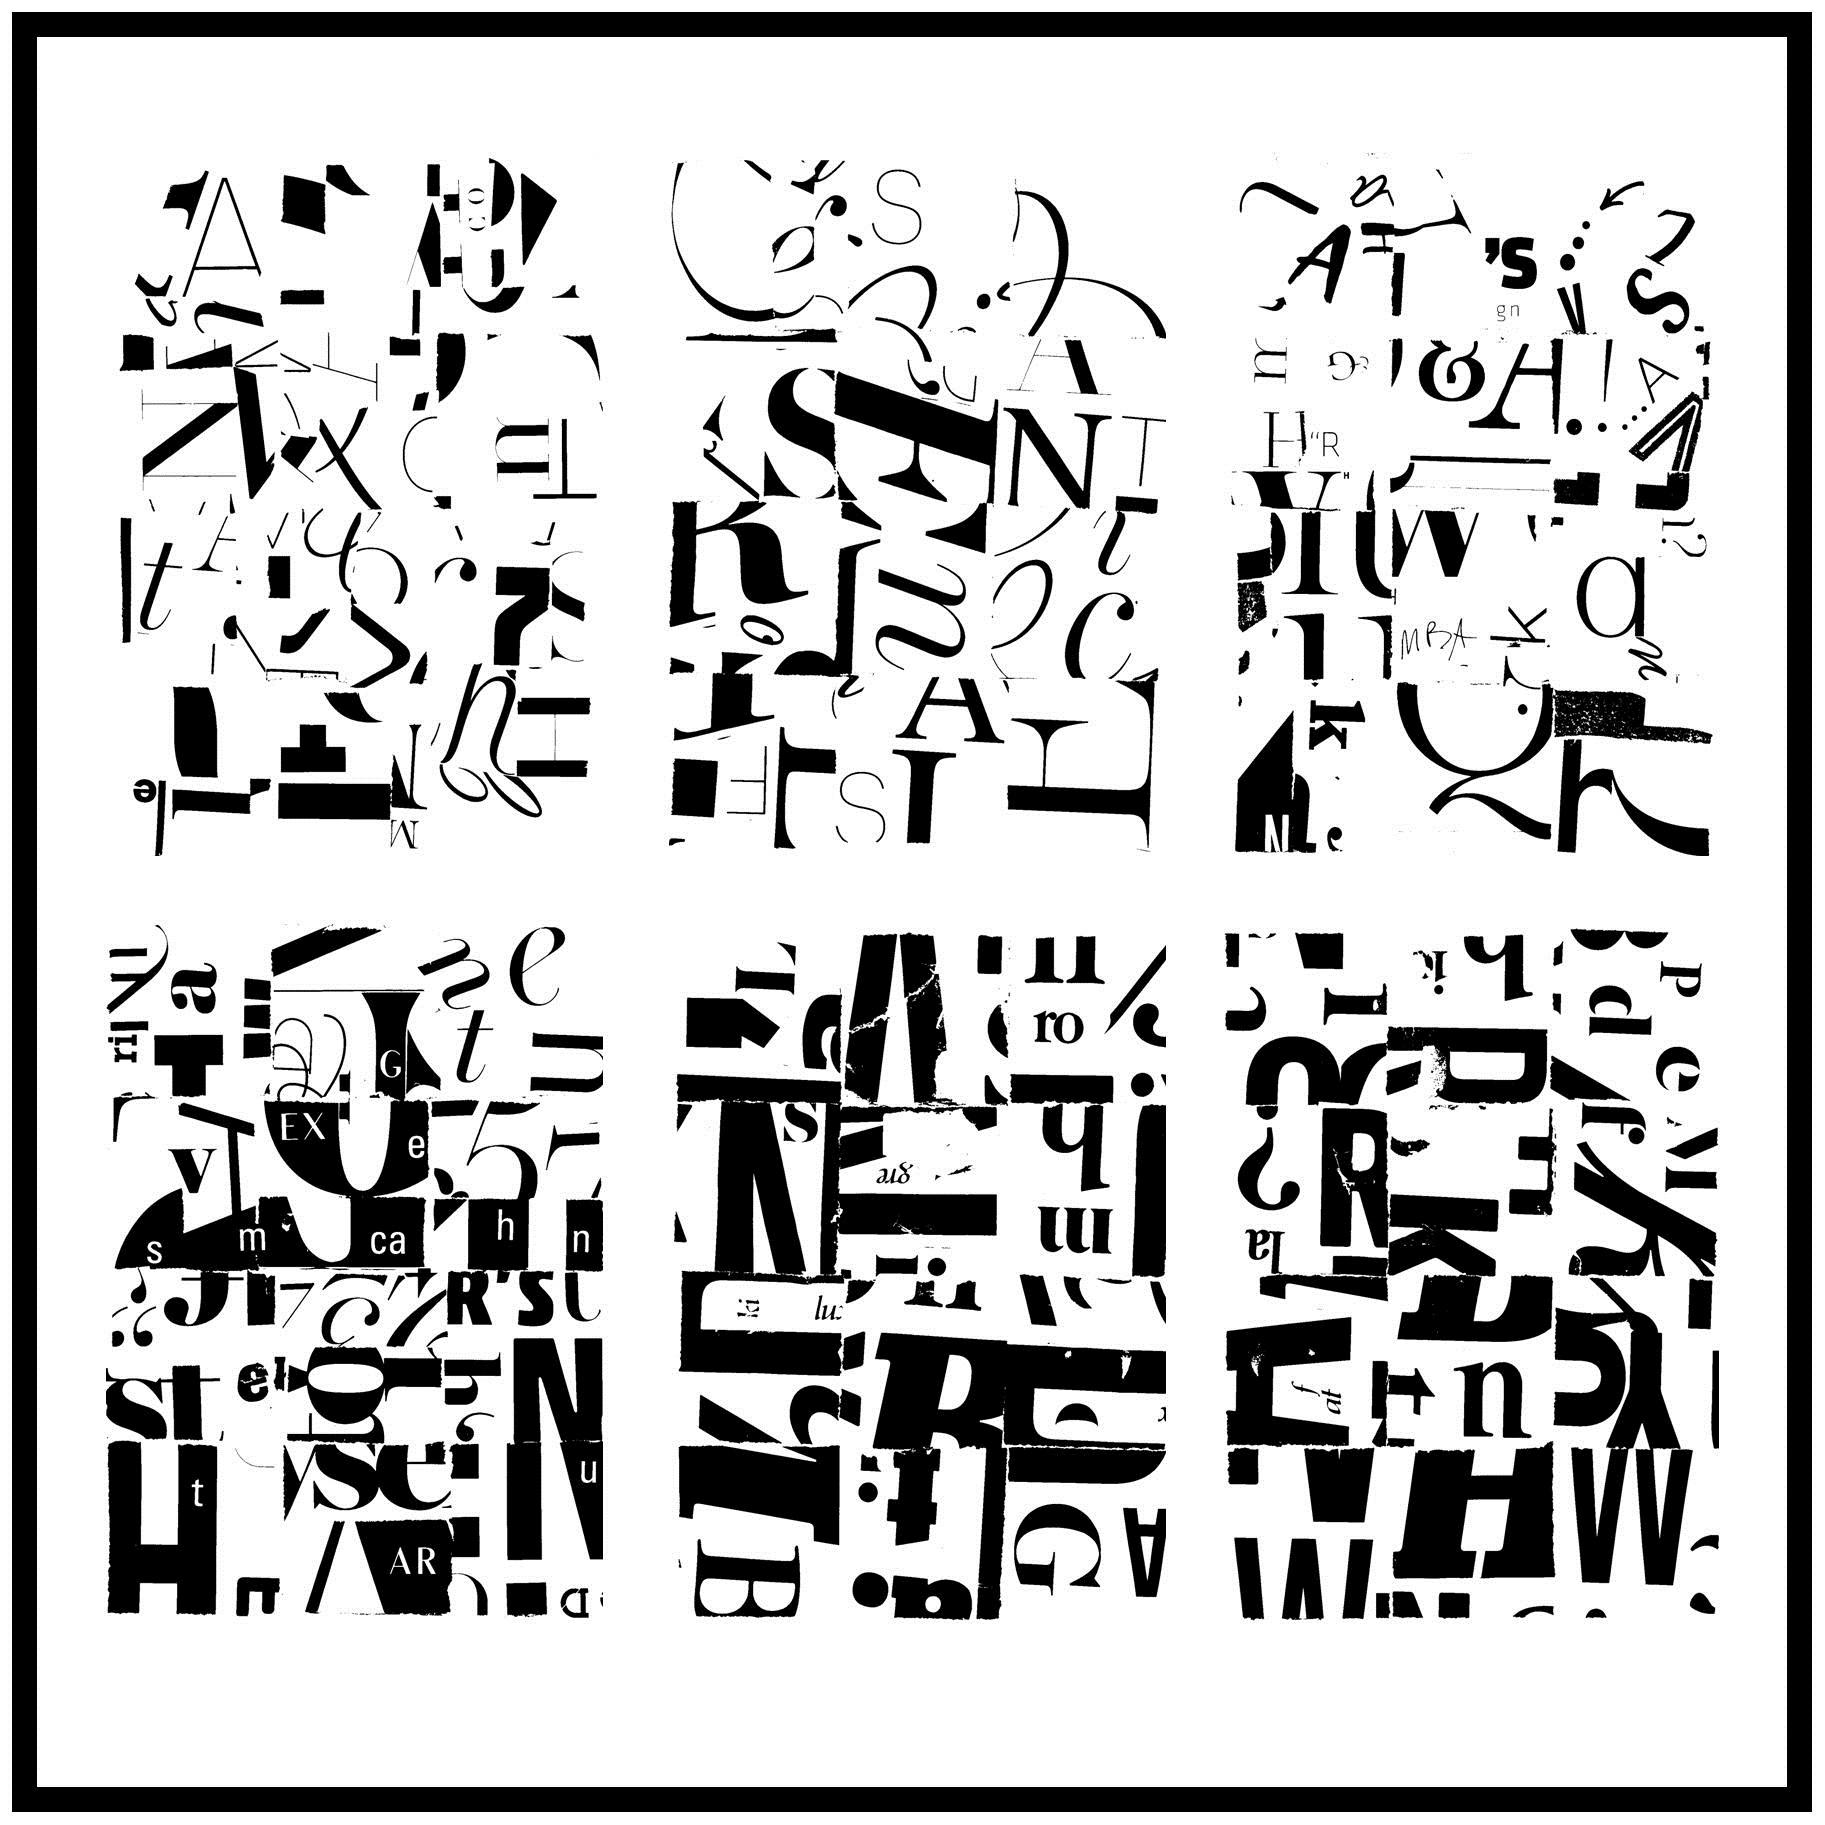 14 - n4.jpg